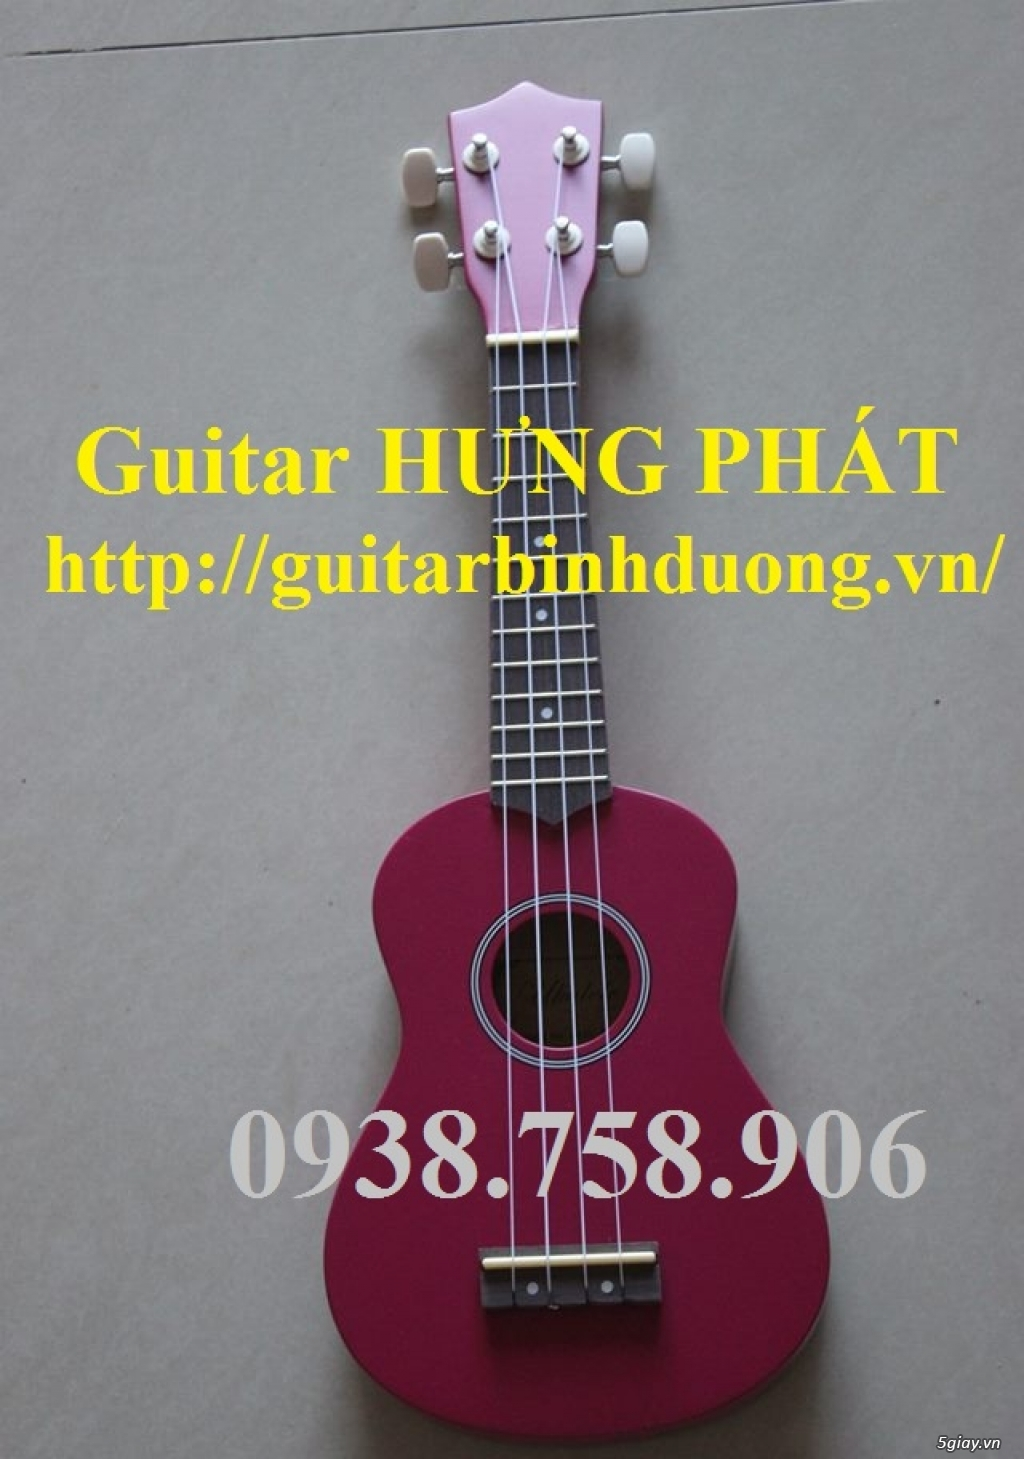 Bán đàn ukulele giá rẻ tp thủ dầu một bình dương - 15